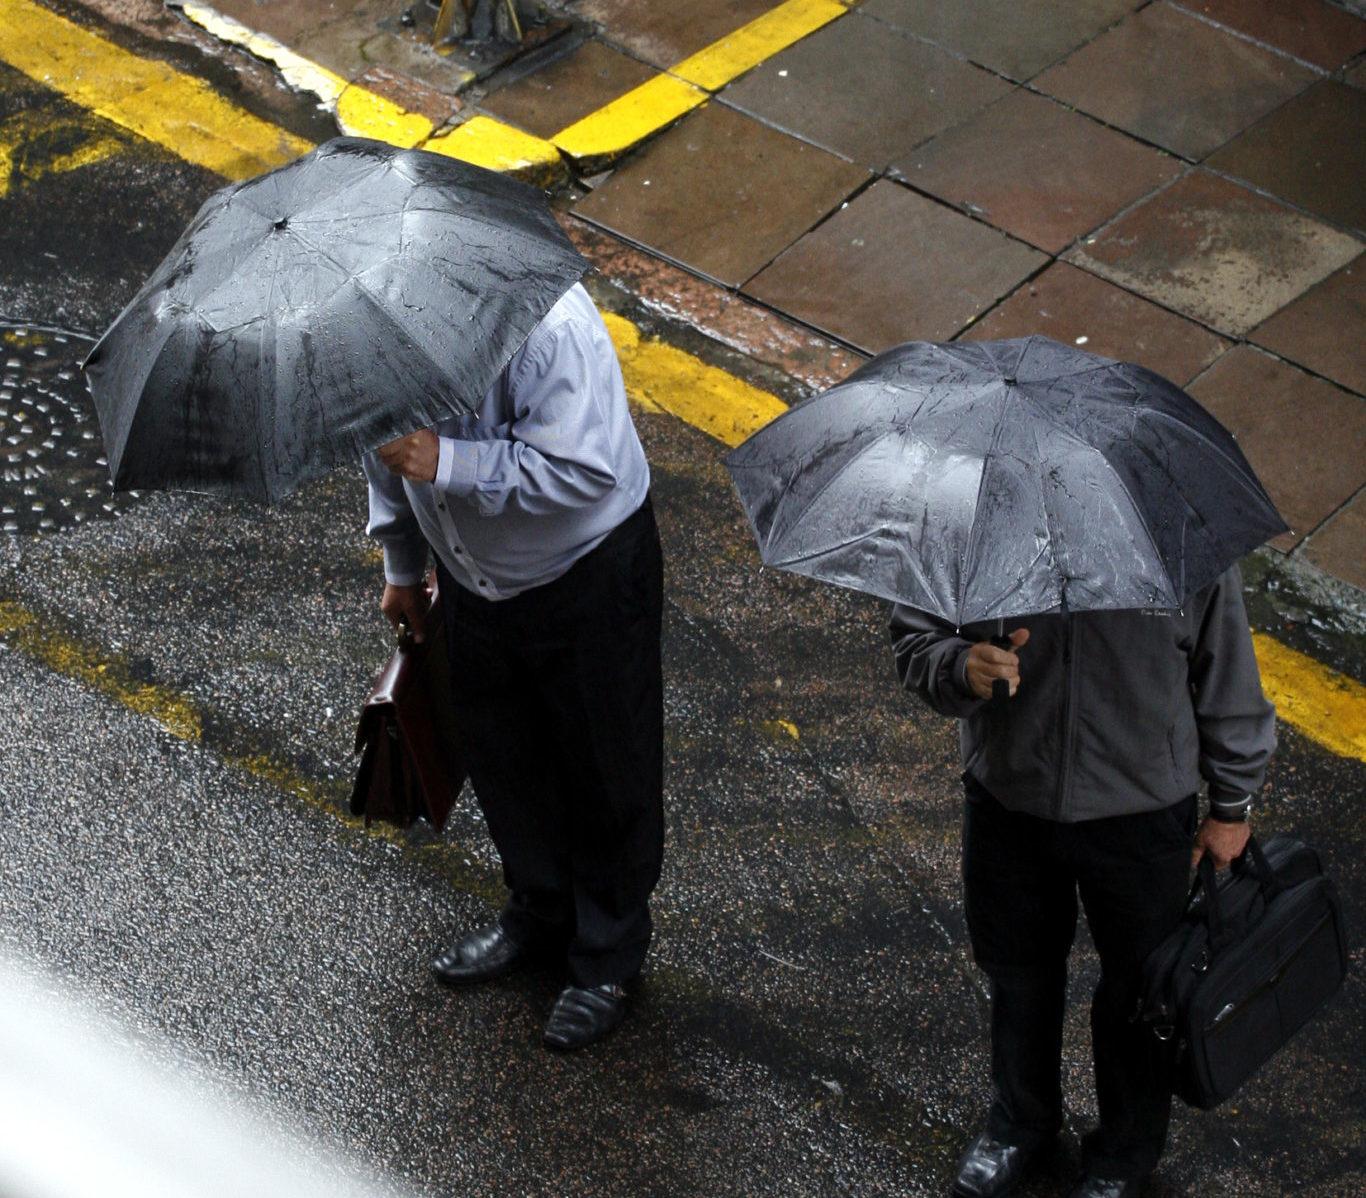 Porto Alegre, RS - 14/07/2016  Muitas nuvens e provável chuva no decorrer do dia com chance de trovoadas  Foto: Betina Carcuchinski/PMPA